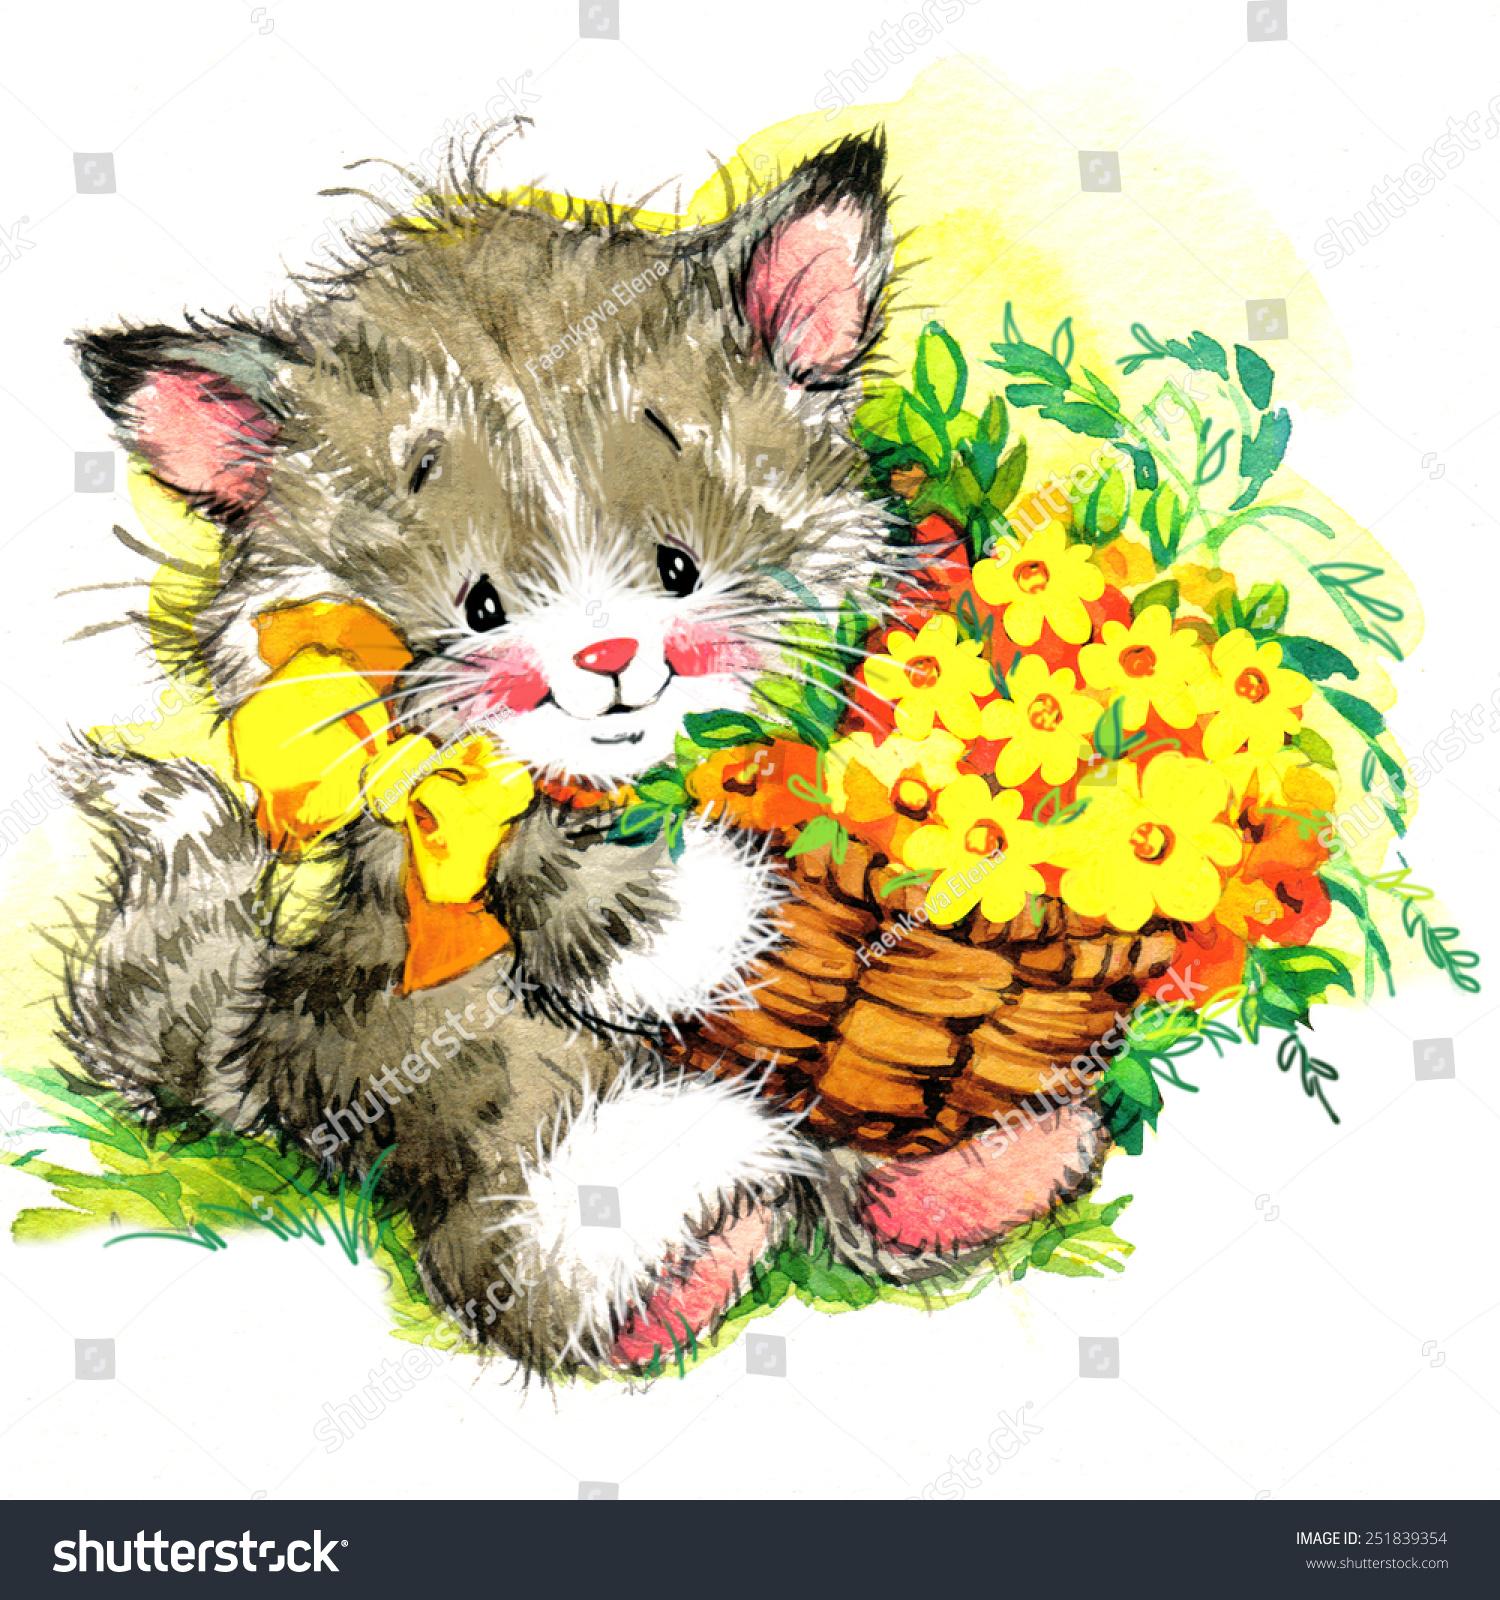 Kitten Flower Background Watercolor Art Stock Illustration 251839354 ...